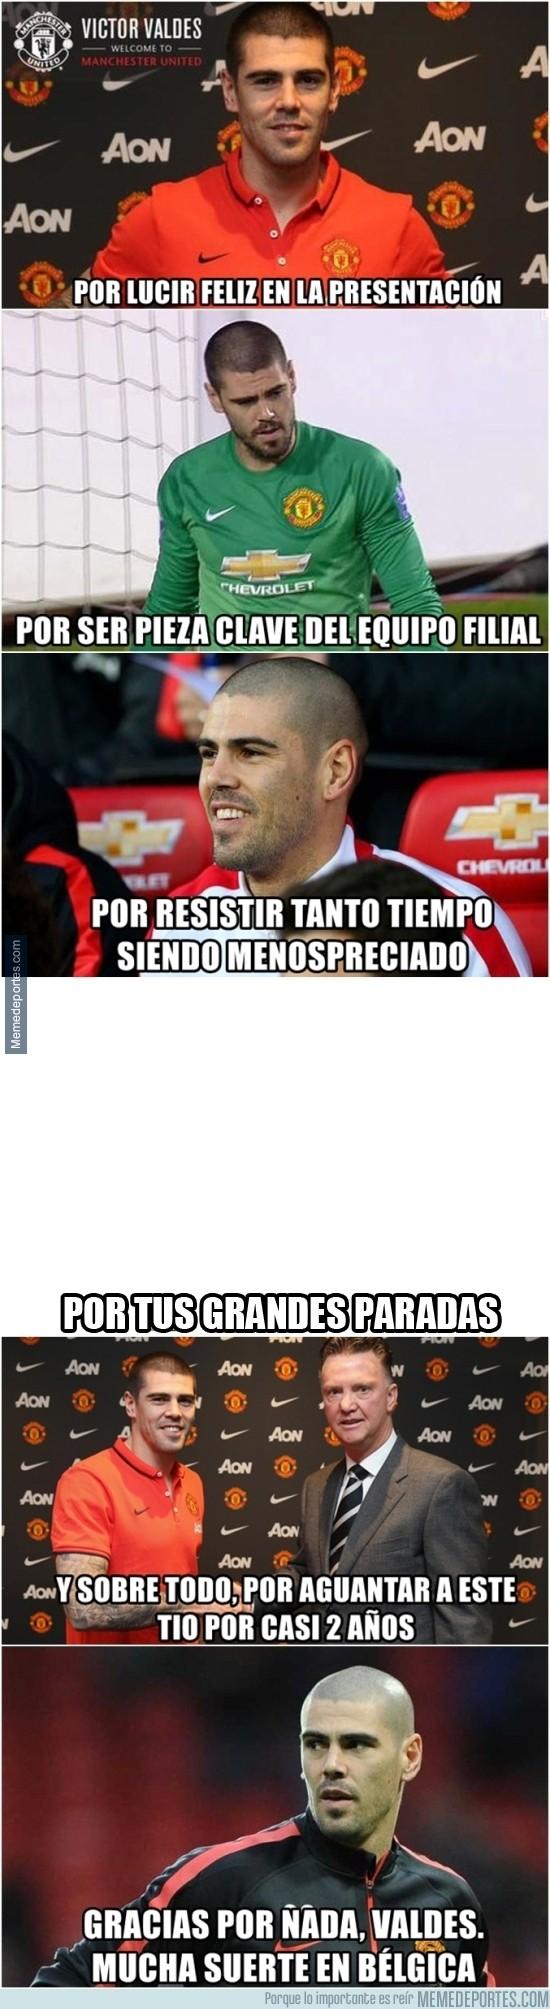 789691 - Valdés se va del United. Destino: Bélgica